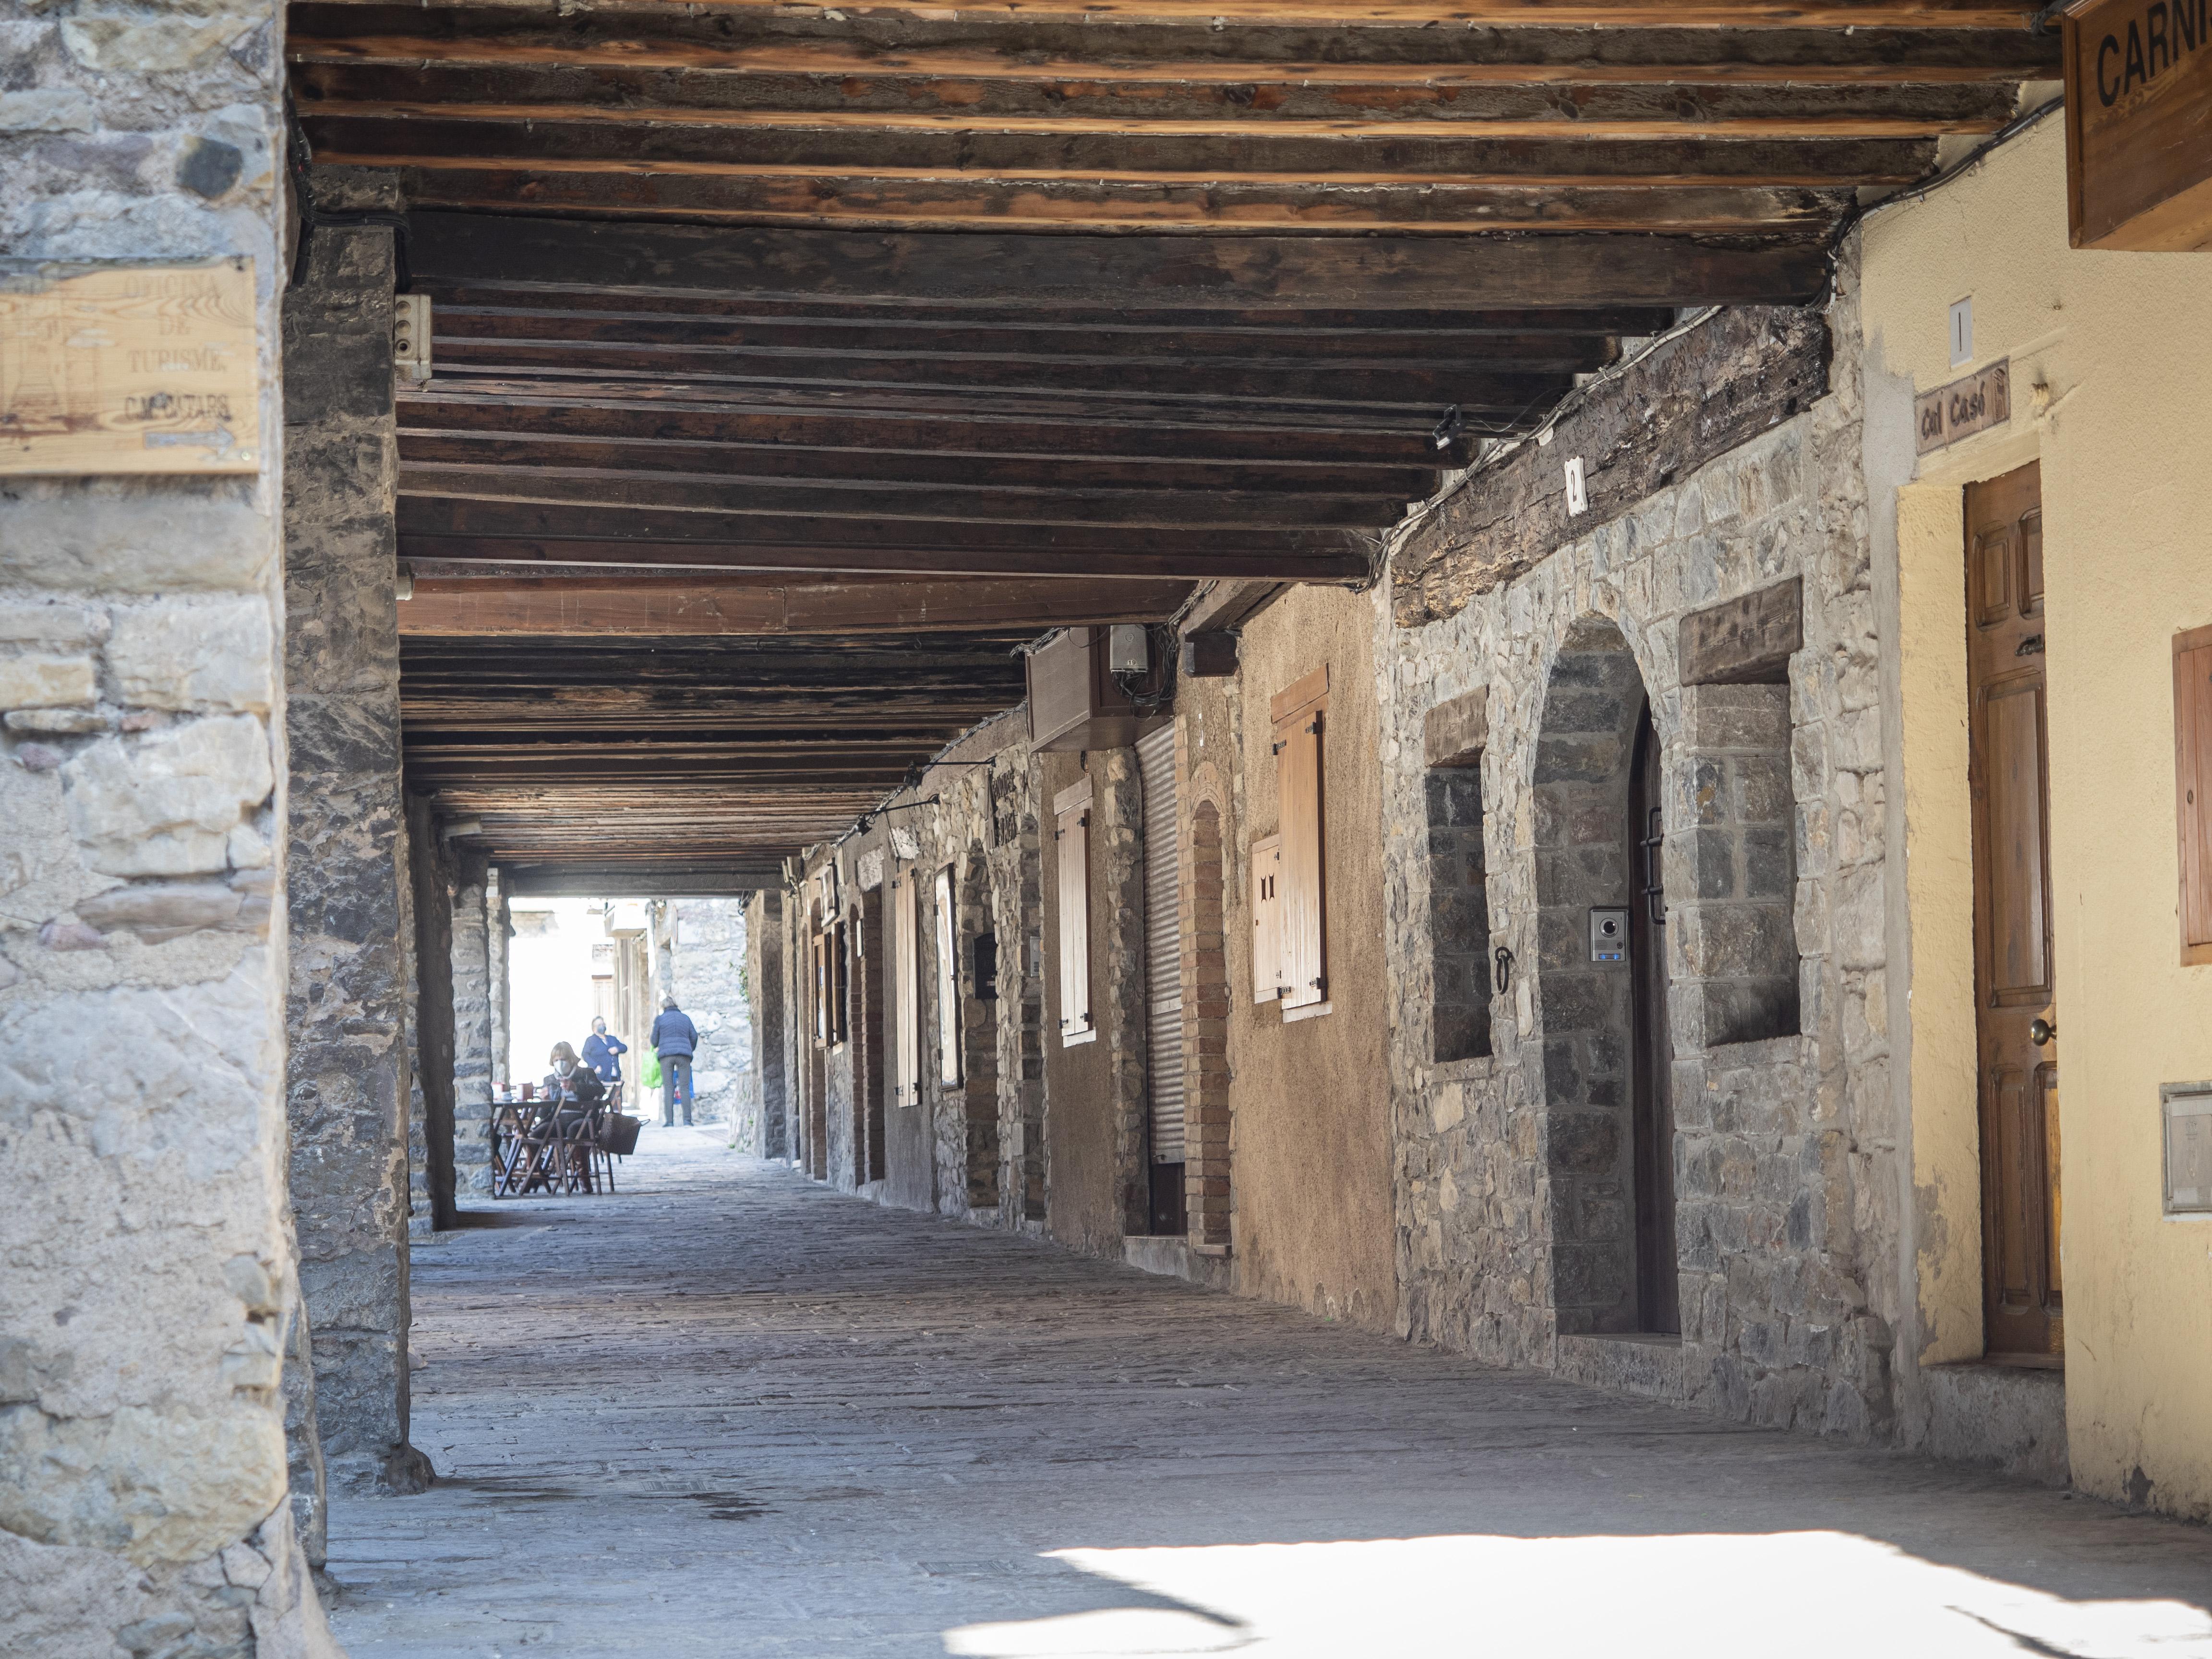 Bagà, una vila medieval 4. FOTO: Anna E. Puig